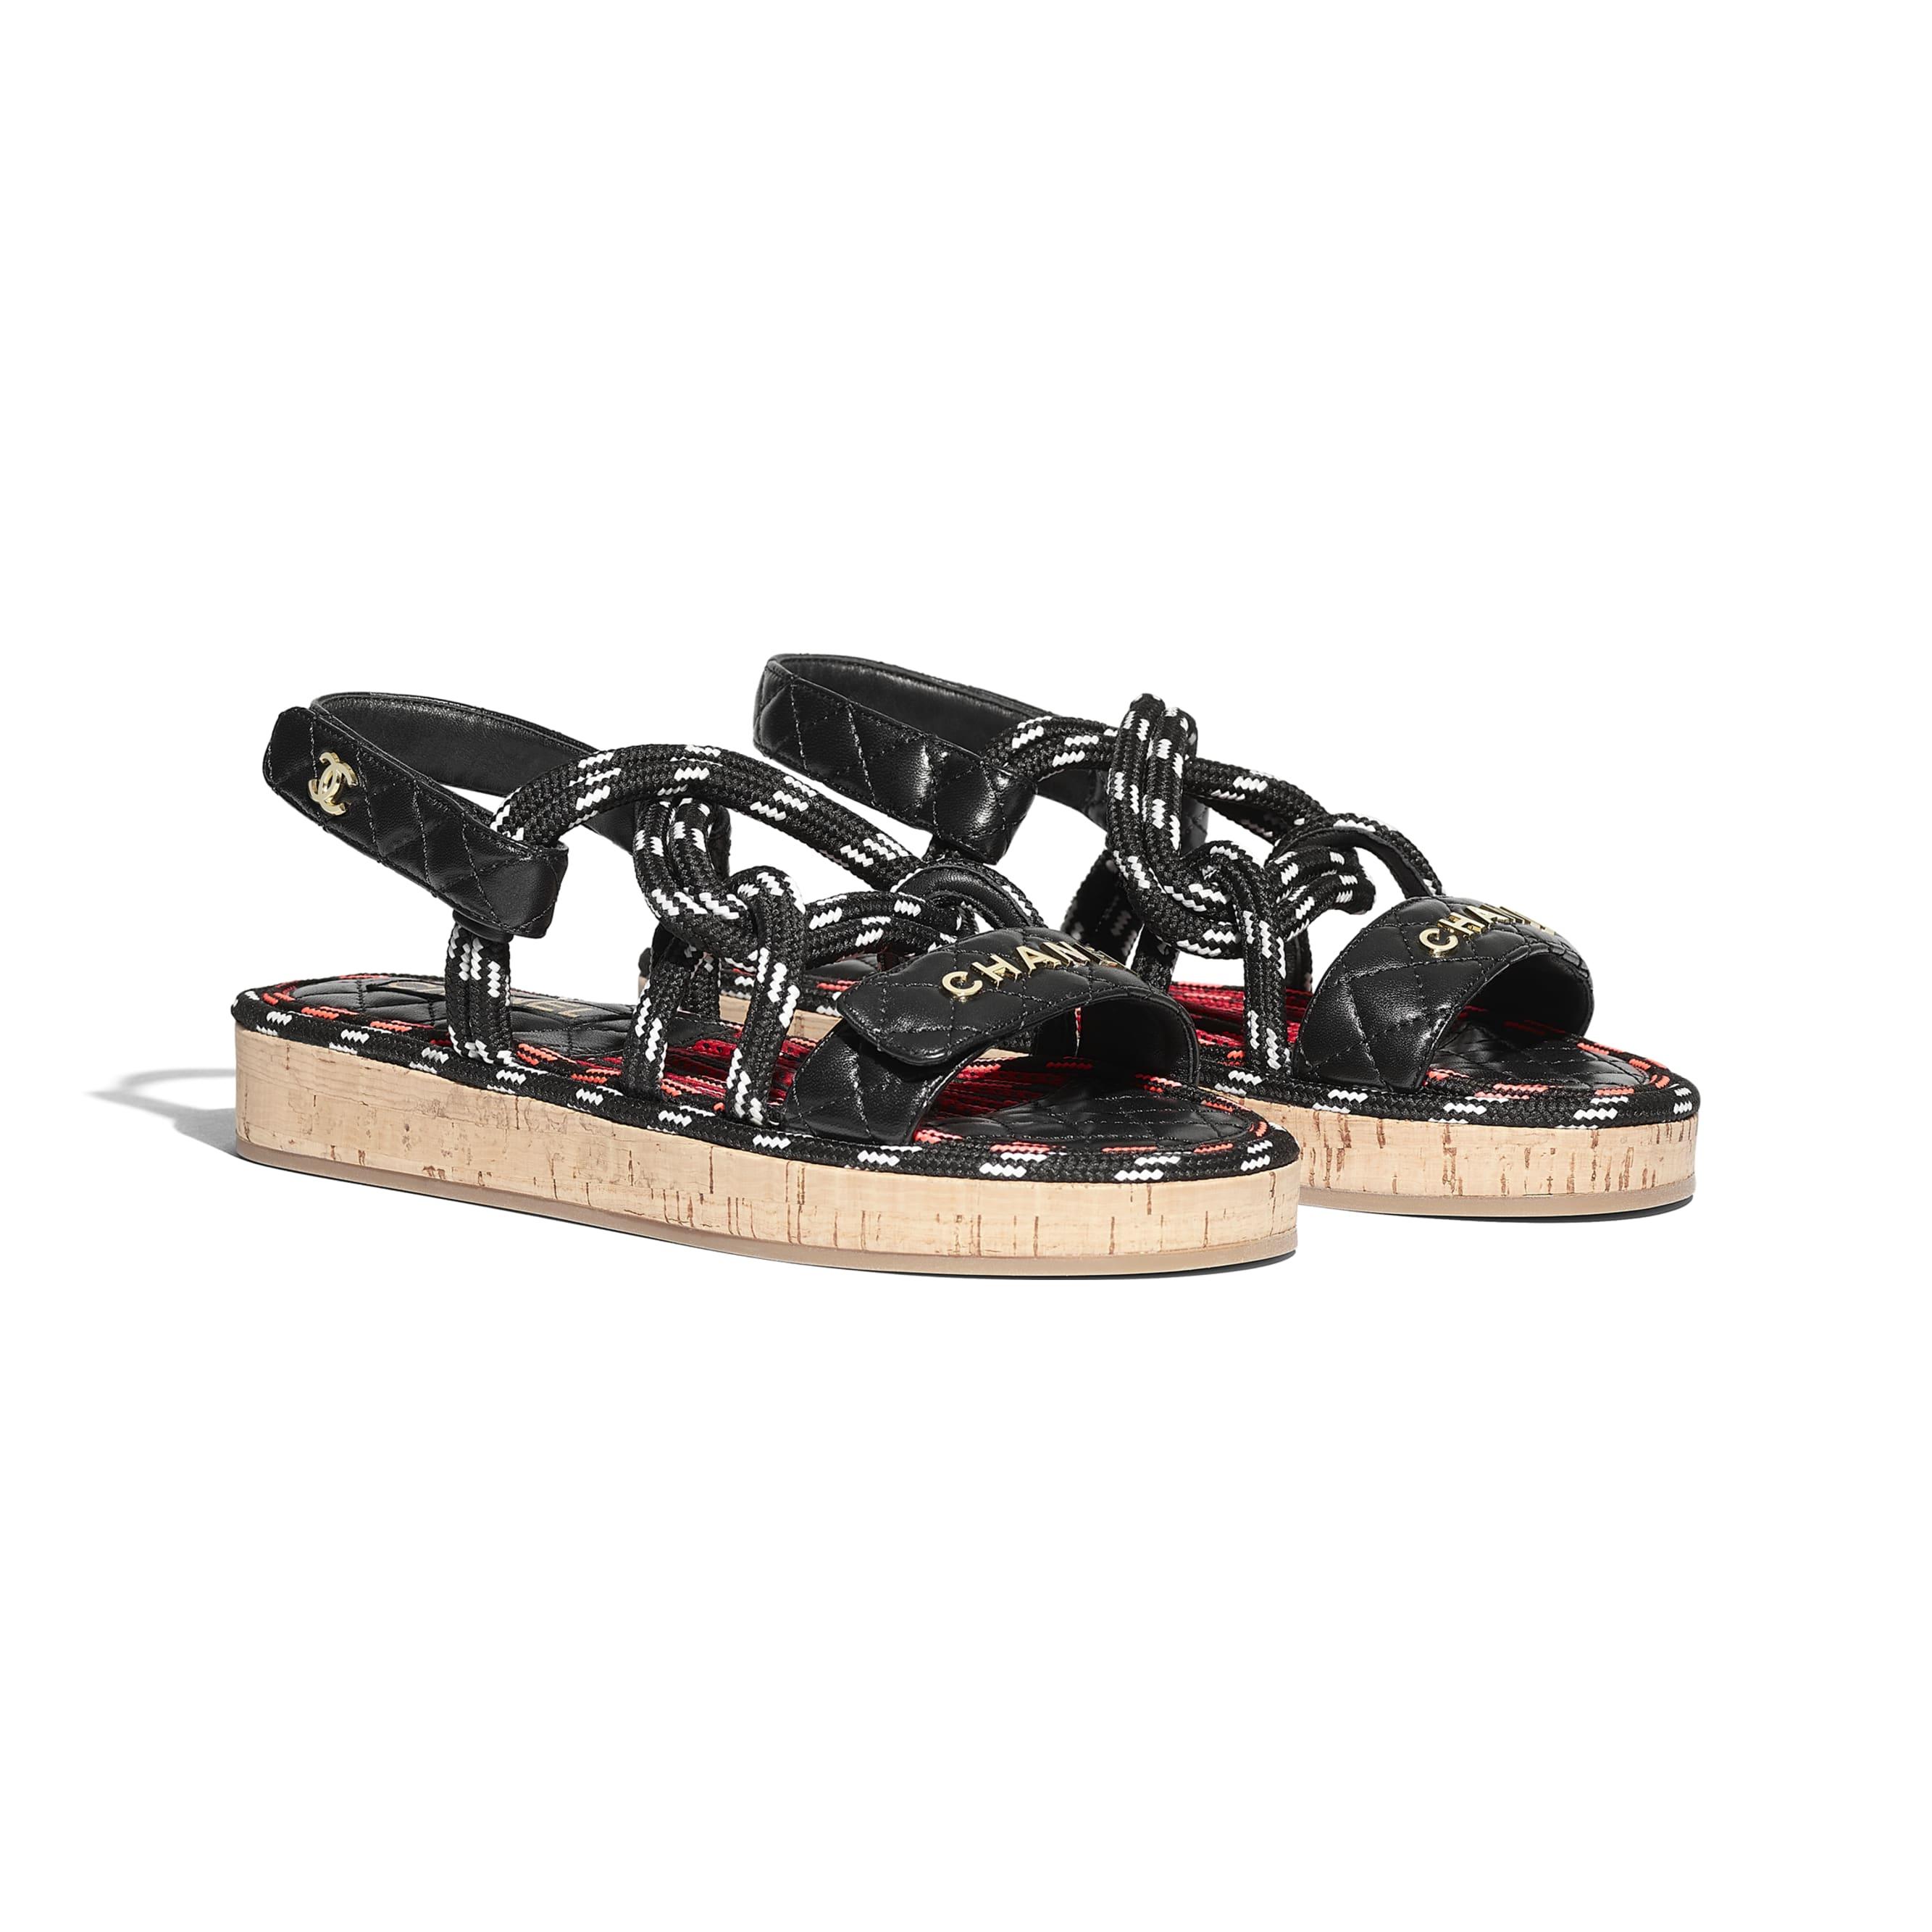 Sandały - Kolor czarny i biały - Sznurek i skóra jagnięca  - CHANEL - Widok alternatywny – zobacz w standardowym rozmiarze